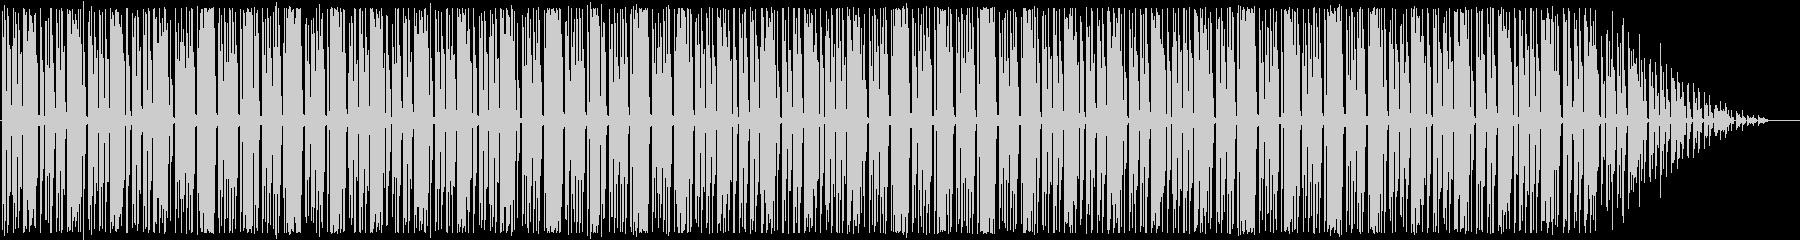 コミカルなメロディとリズムのBGMの未再生の波形